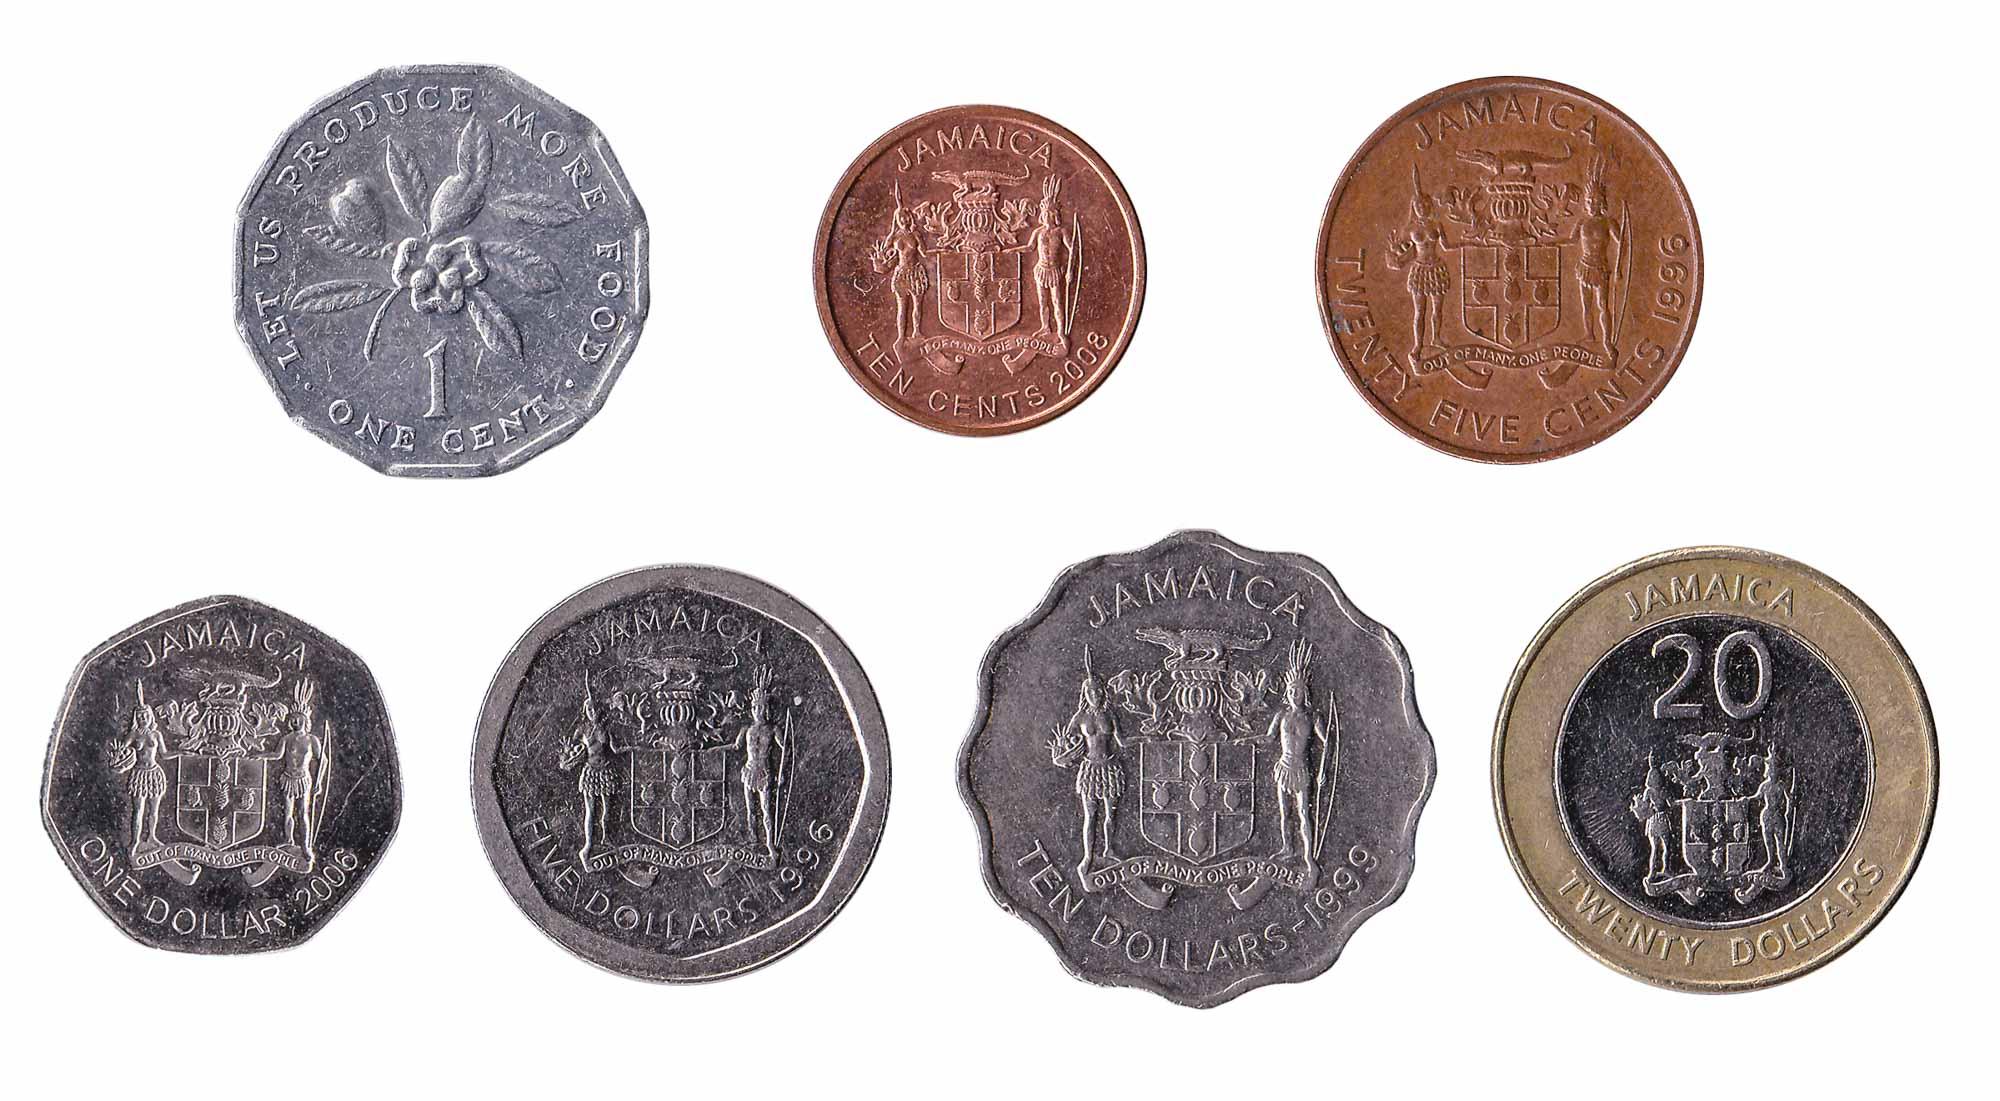 Jamaican dollar coins